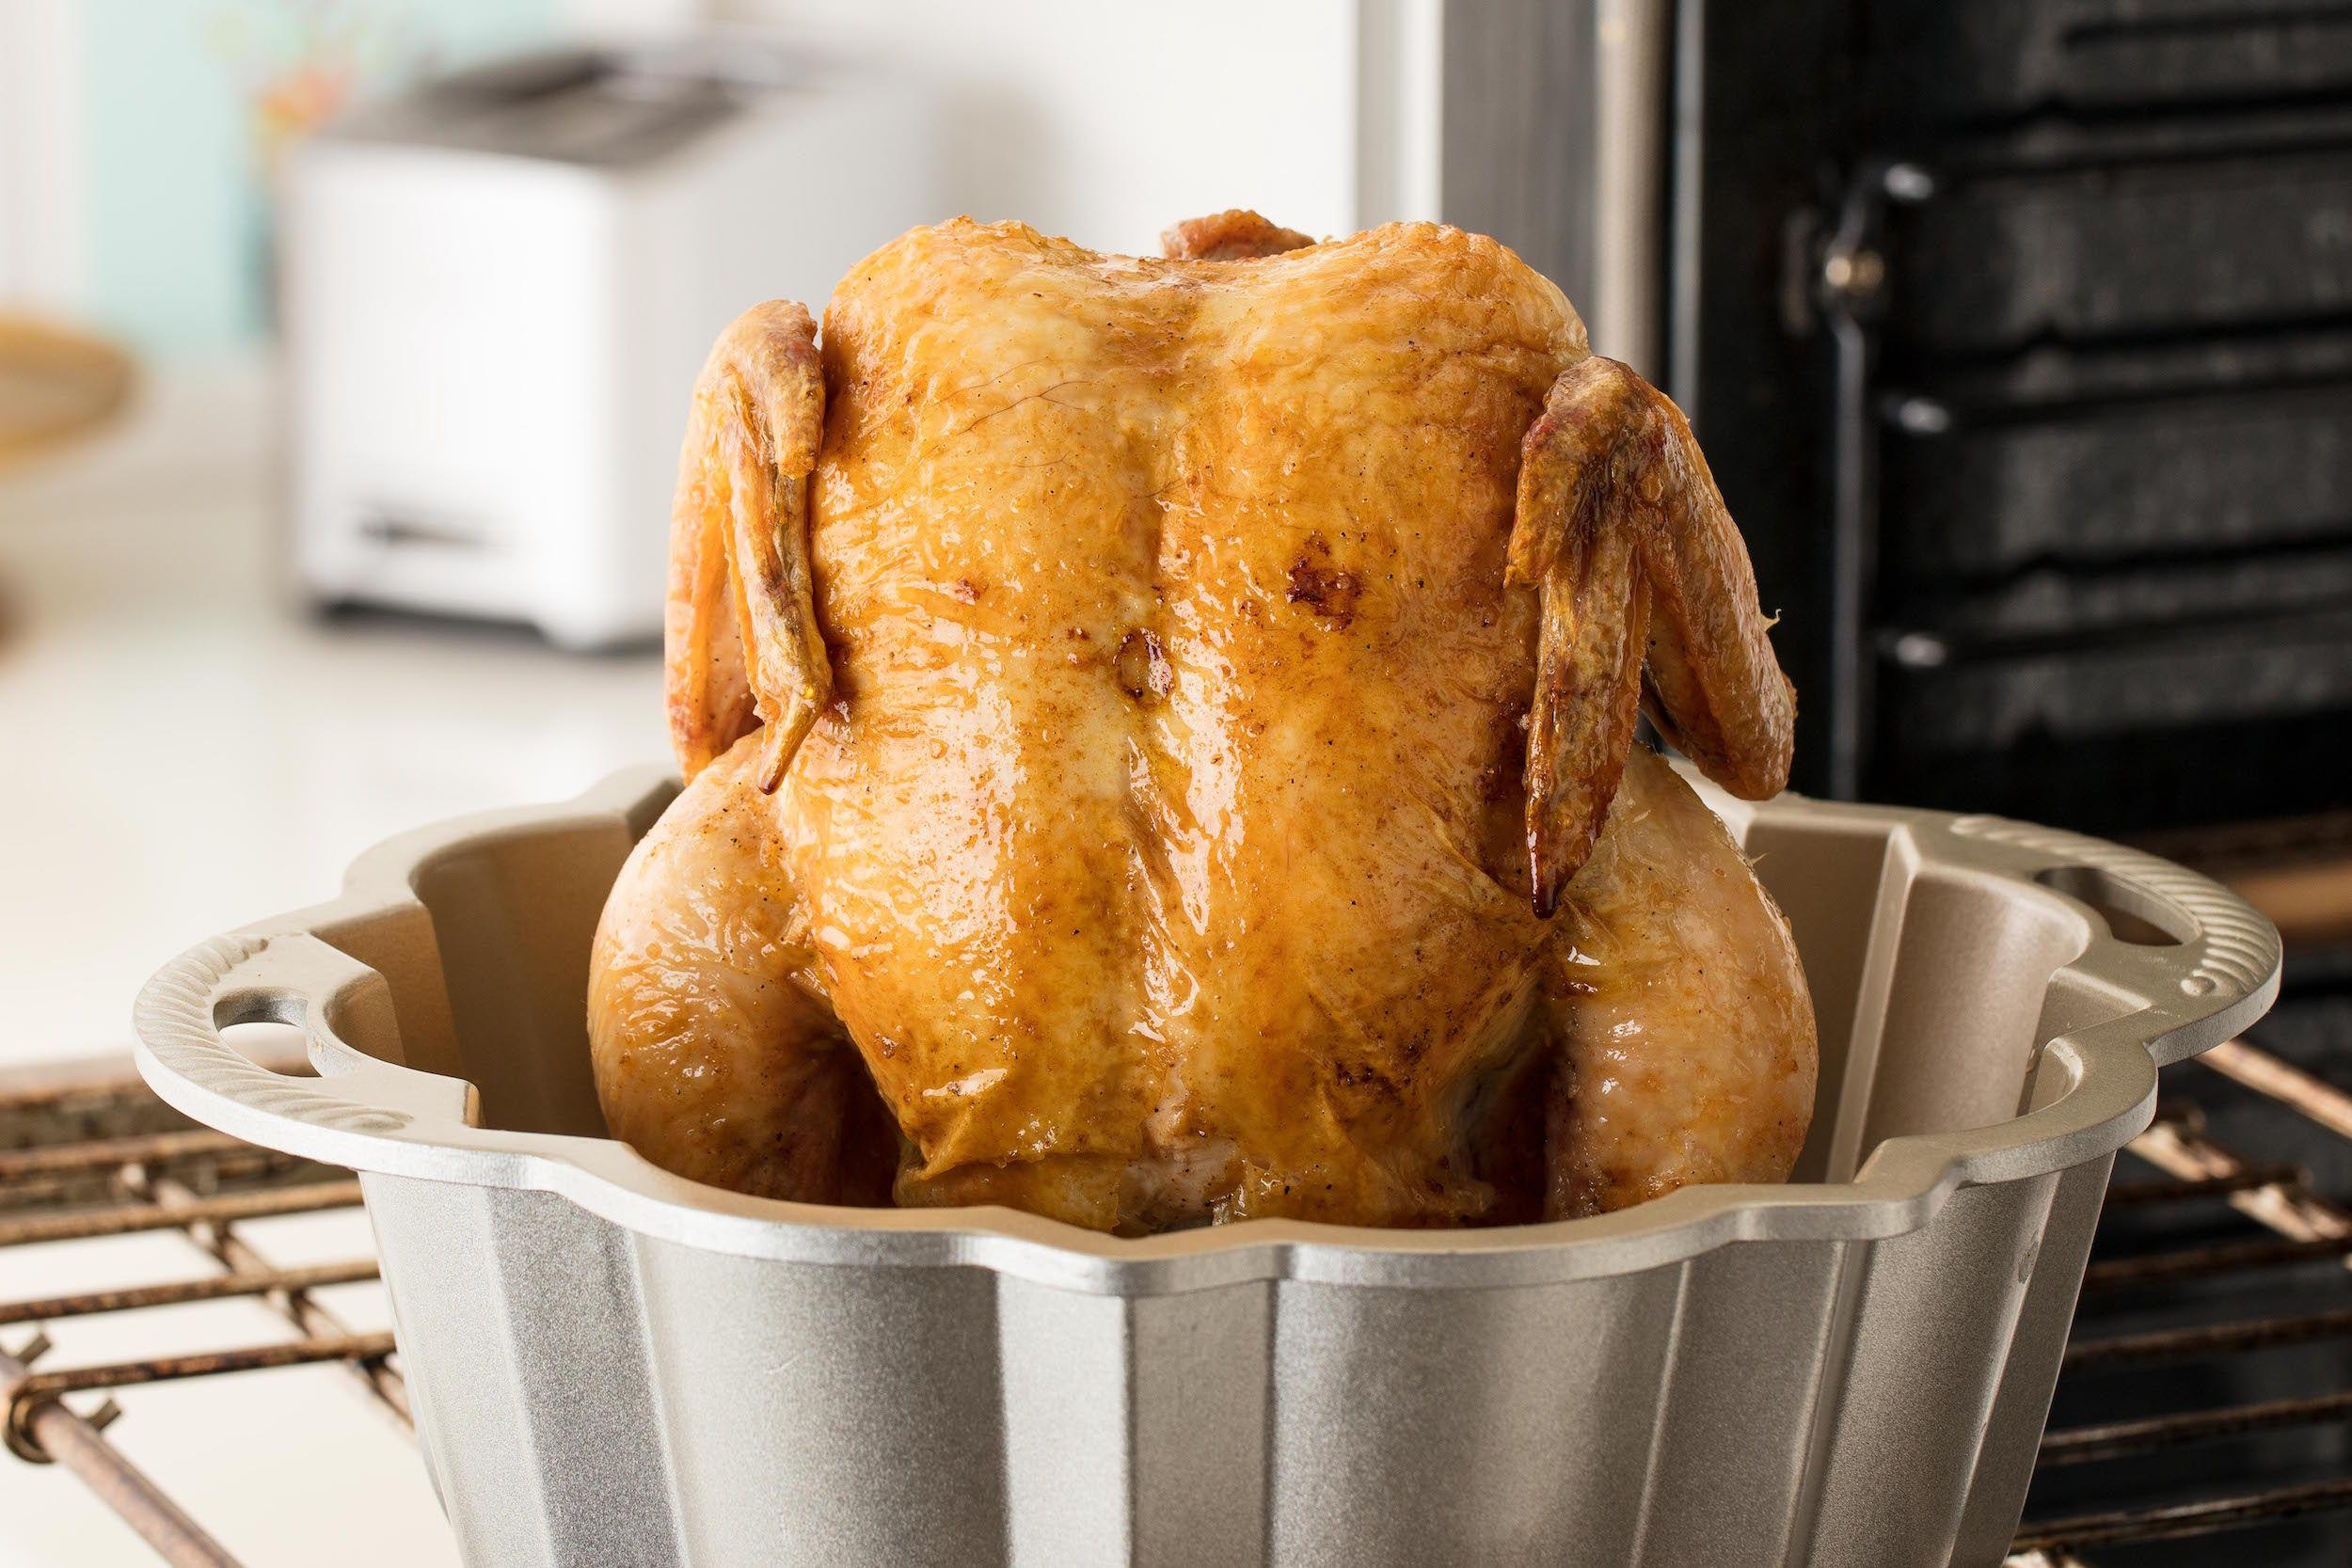 Best Bundt Pan Rotisserie Chicken How To Make Bundt Pan Rotisserie Chicken